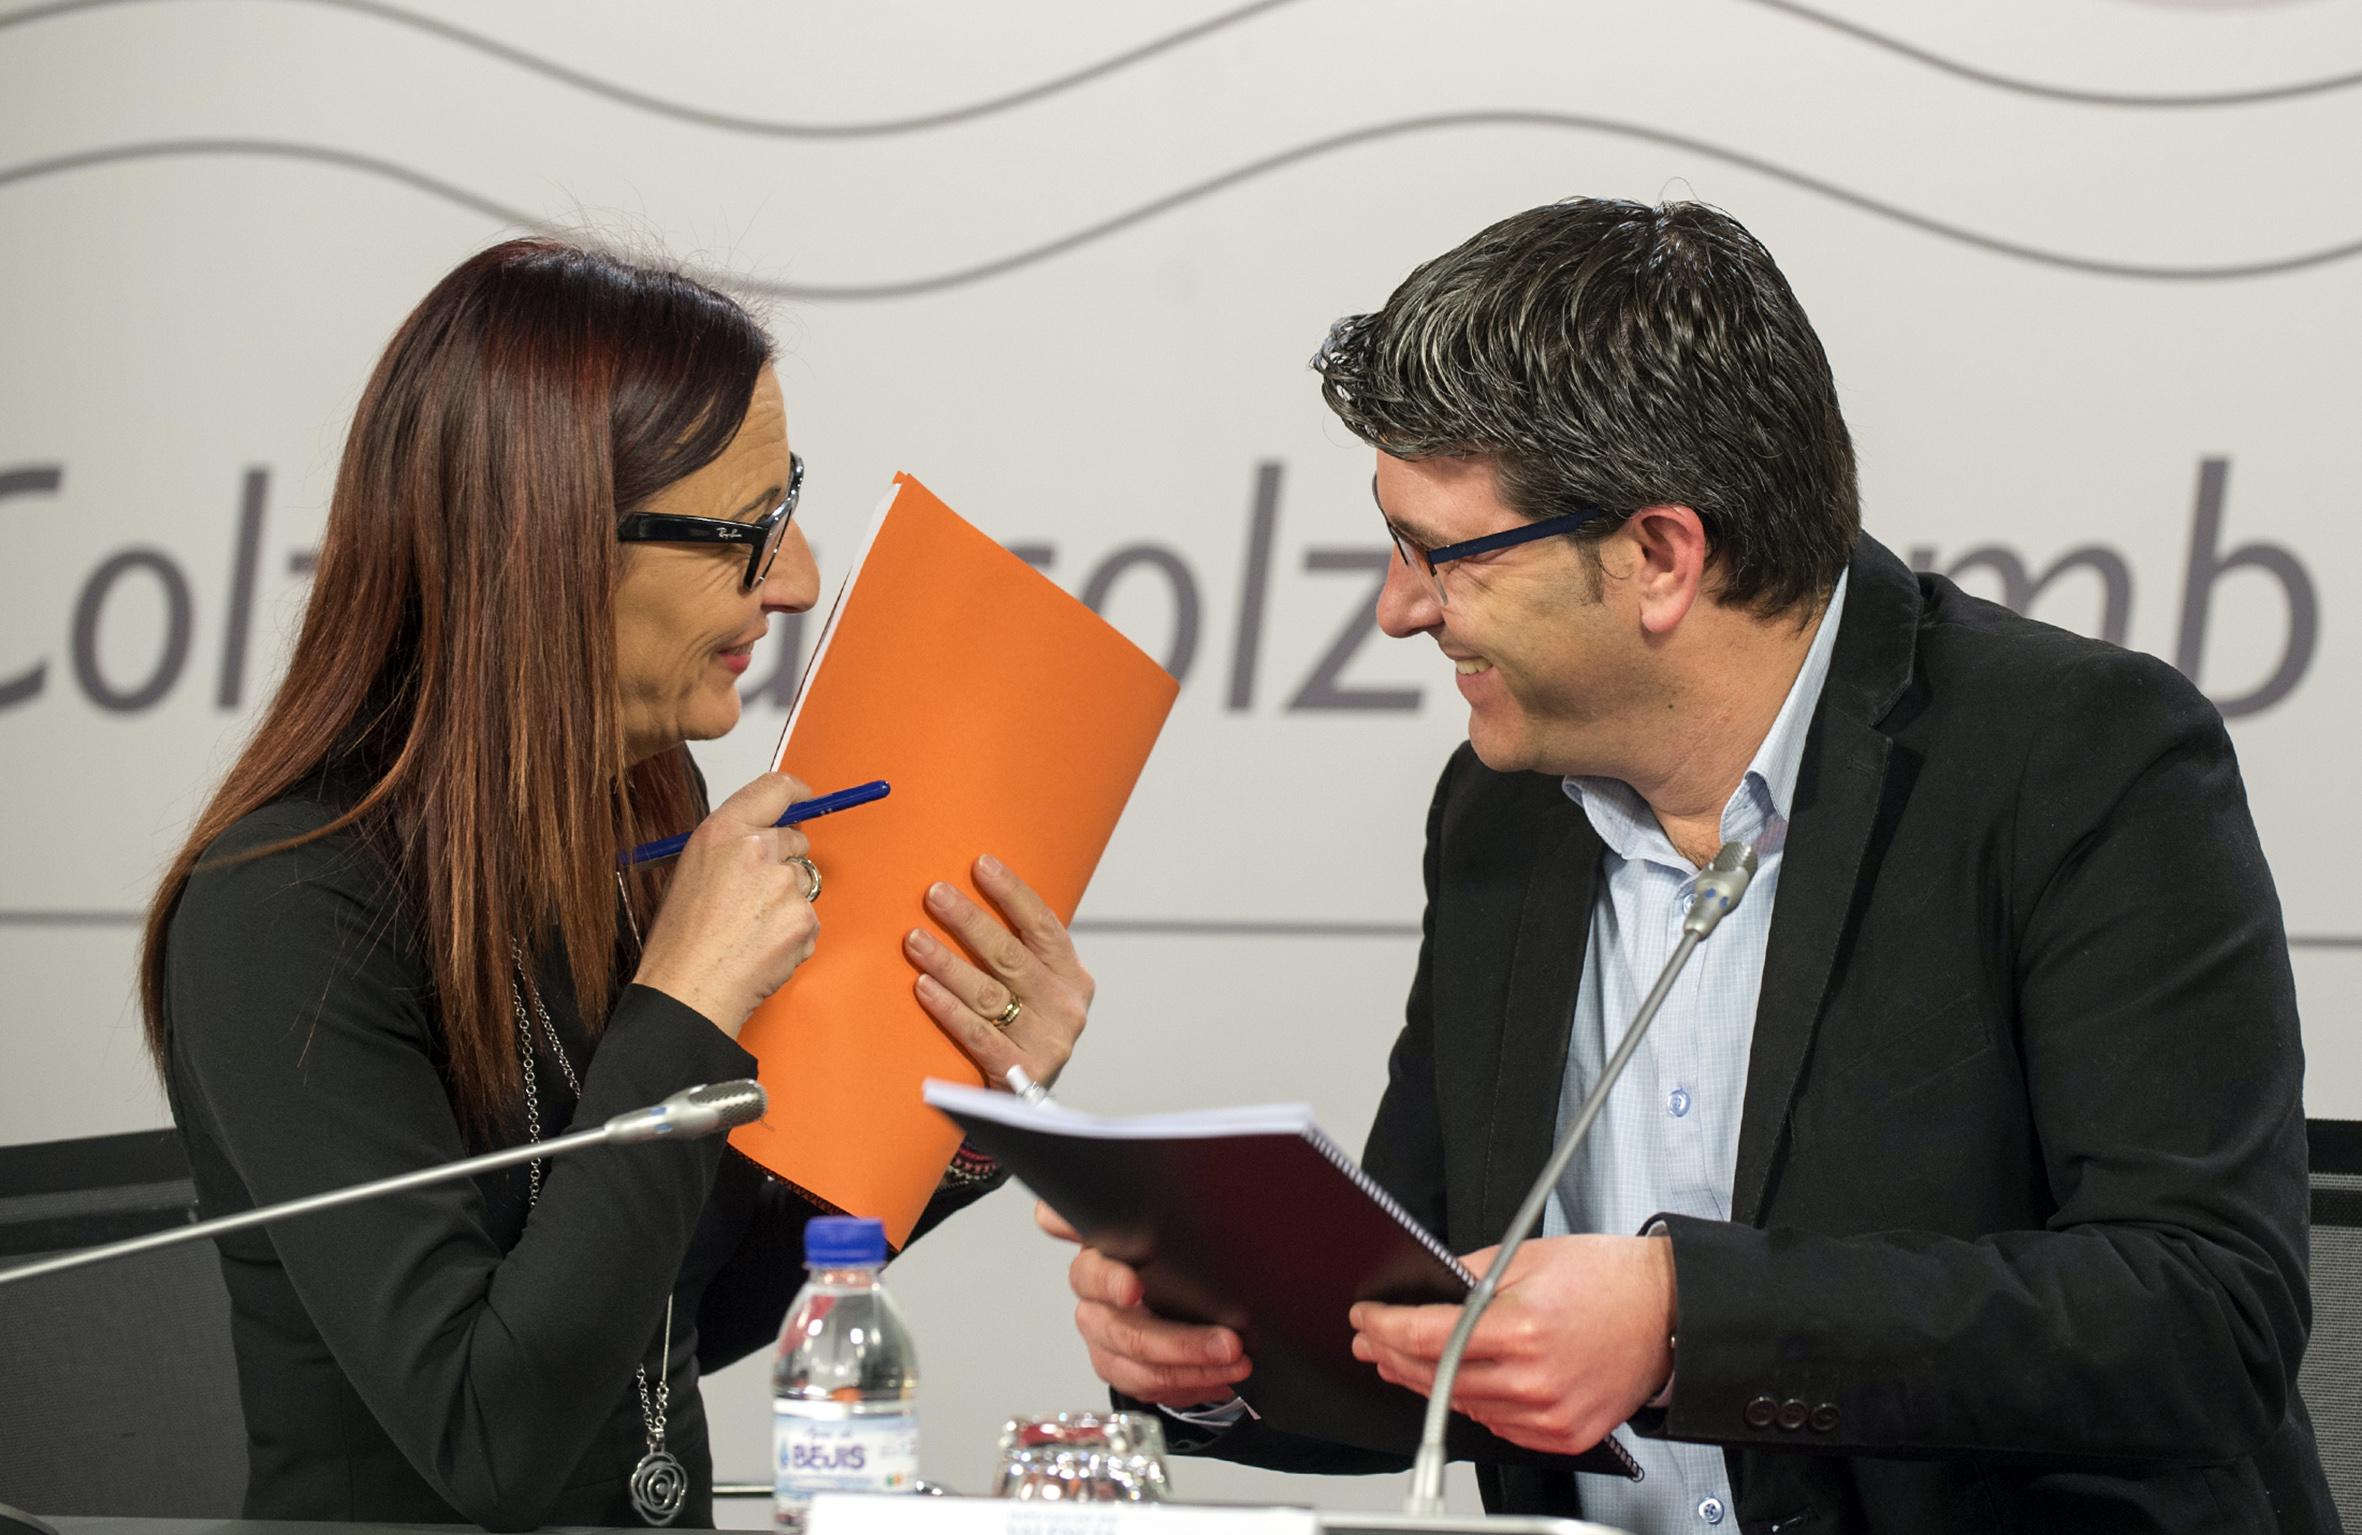 La Vicepresidenta de la Diputación de Valencia y el Presidente del estamento provincial.